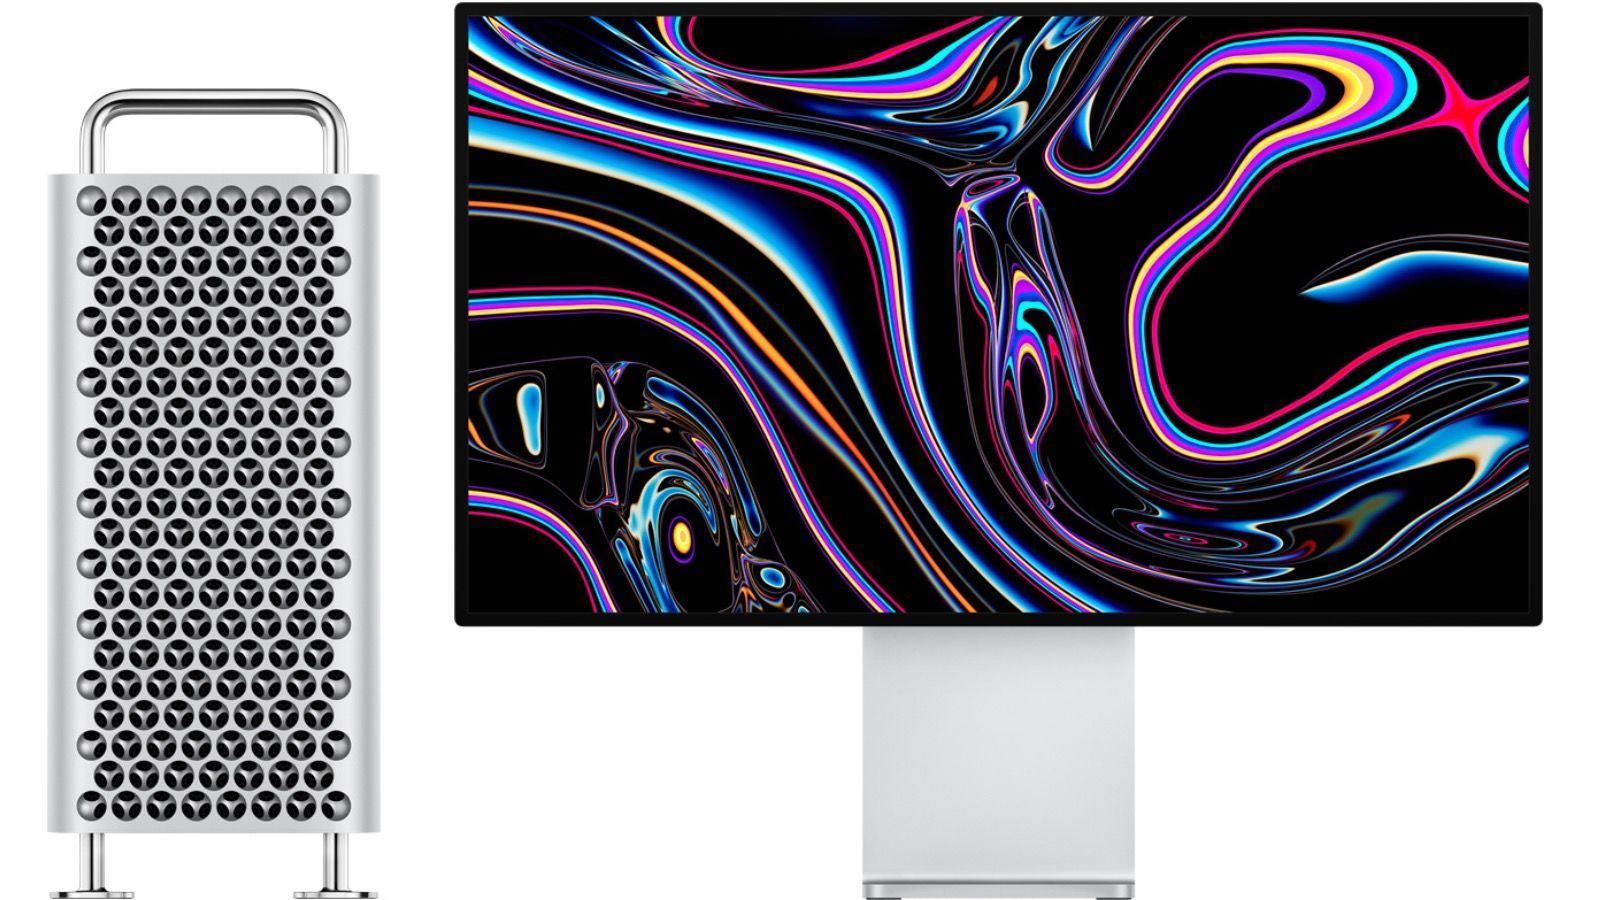 Mac Pro 2019 Thumb